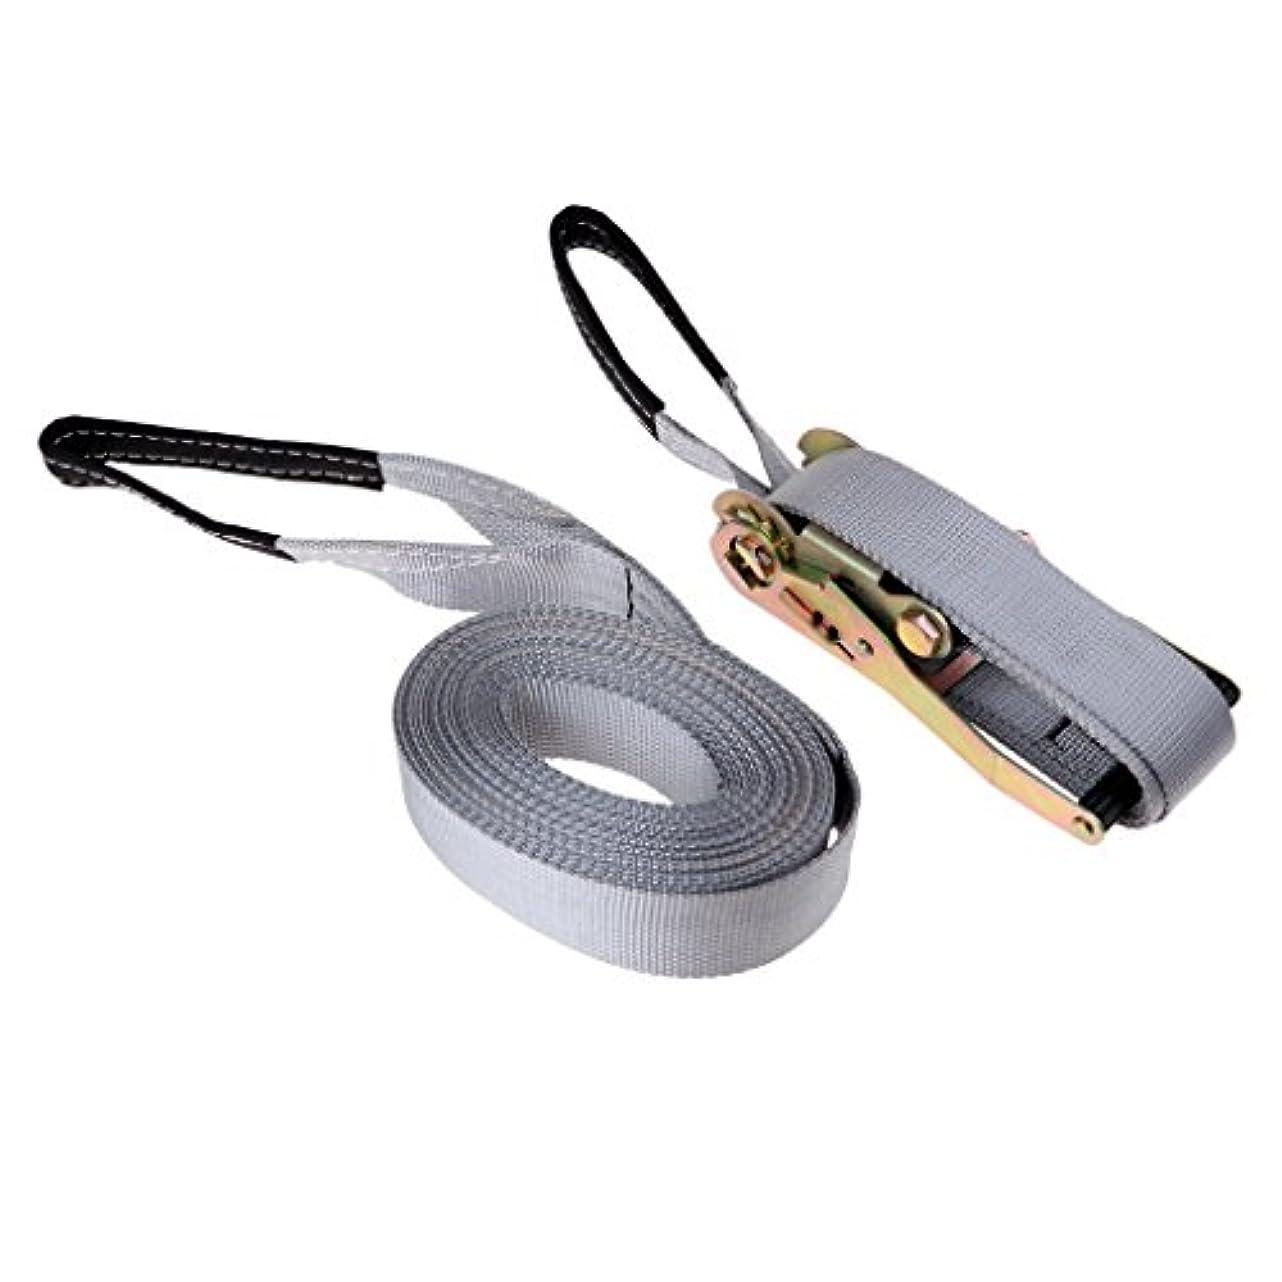 Perfeclan スラックラインキット テンショナー ナイロンライン 耐久性 全5カラー